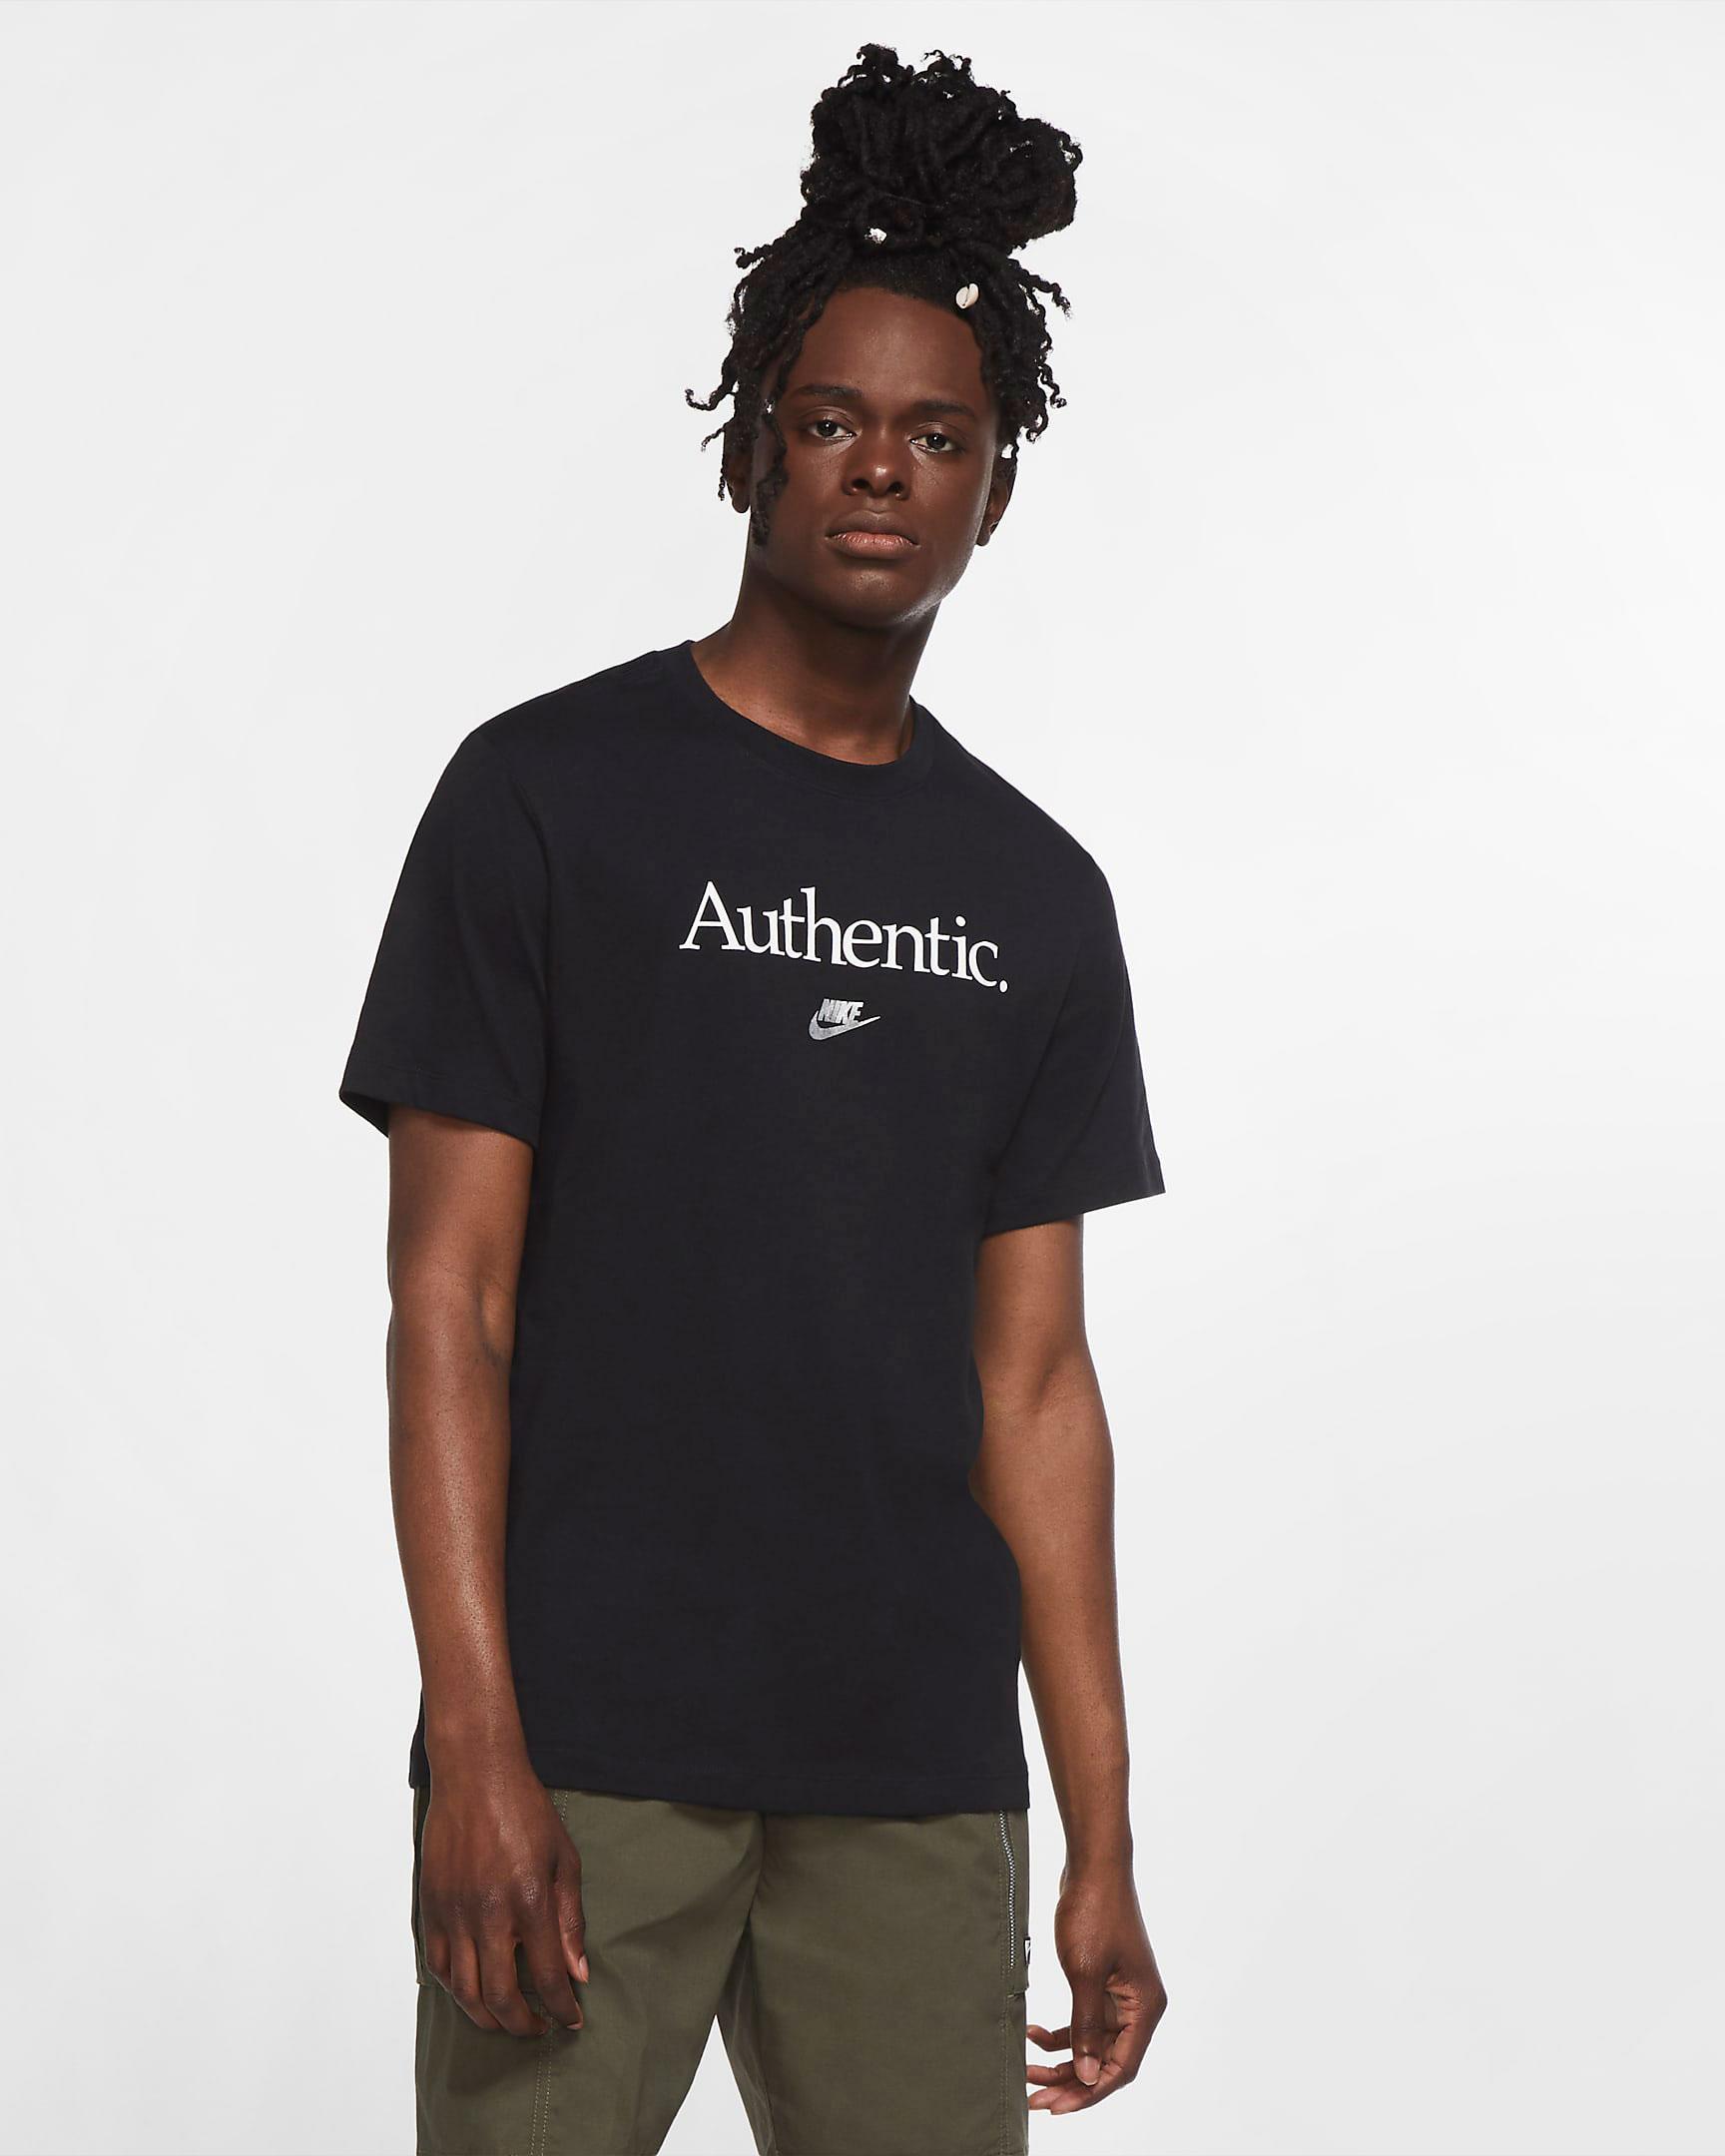 nike-adapt-auto-max-triple-black-shirt-3